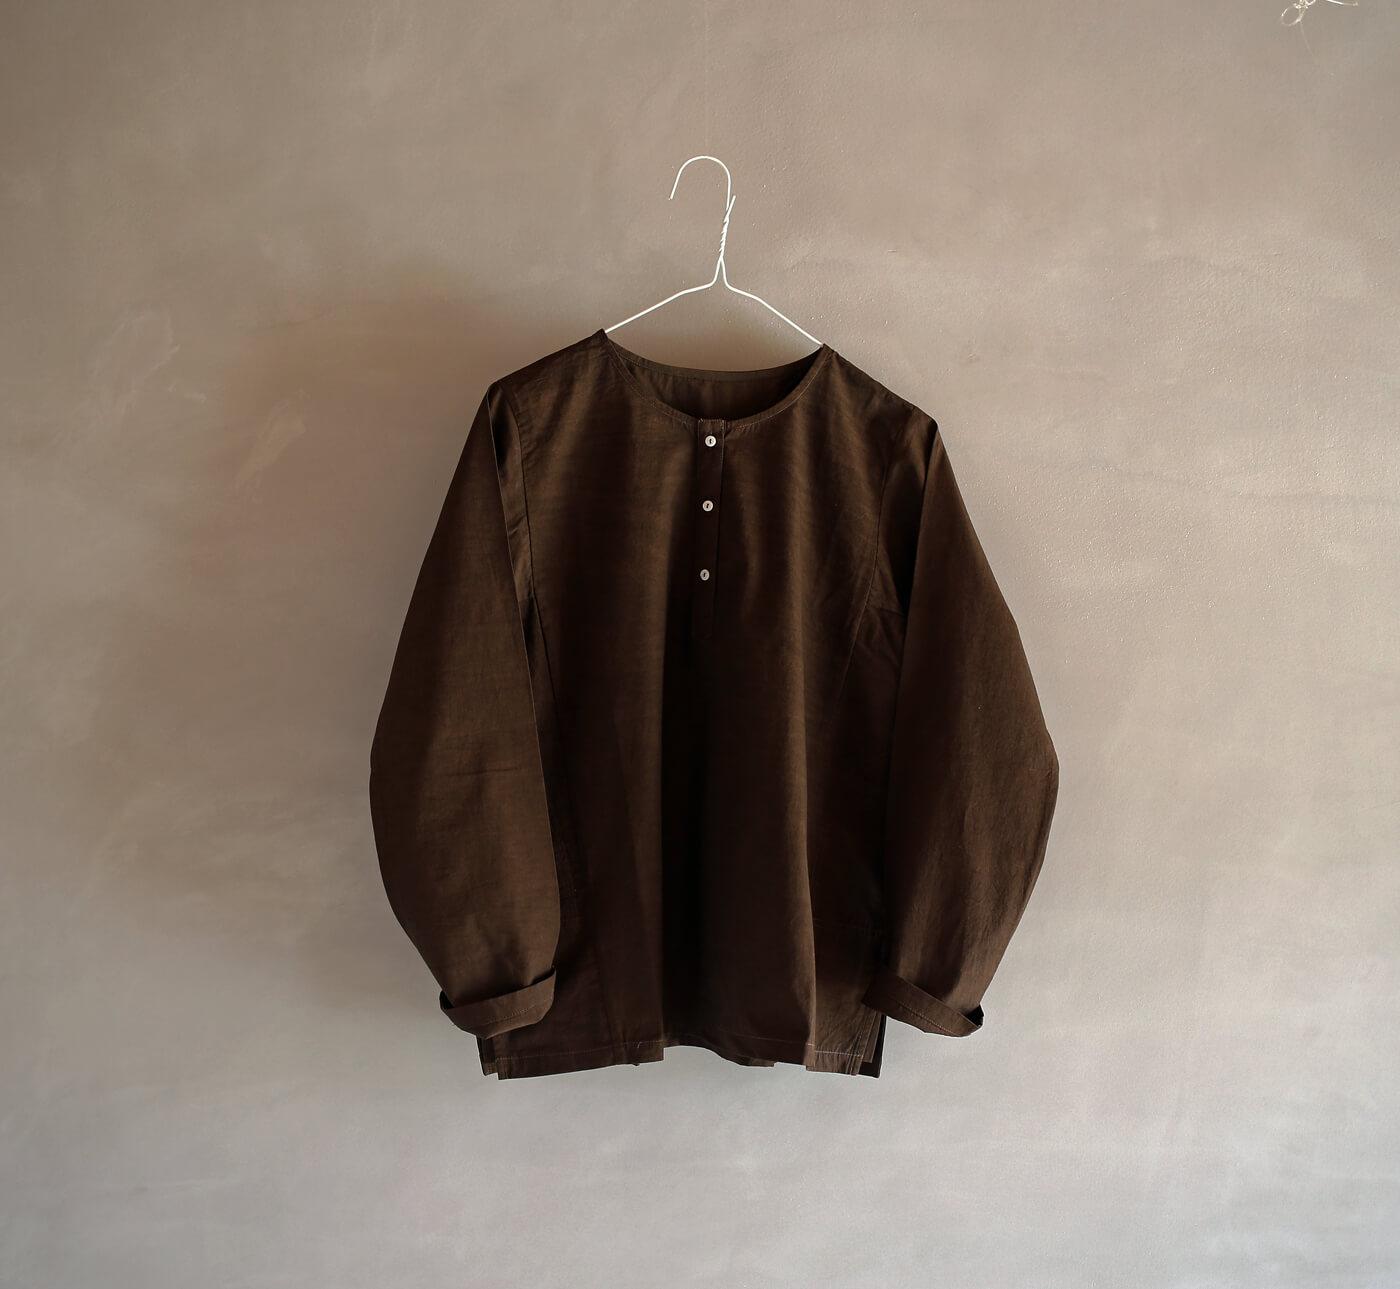 黒檀染めのクルタシャツのアイキャッチ画像